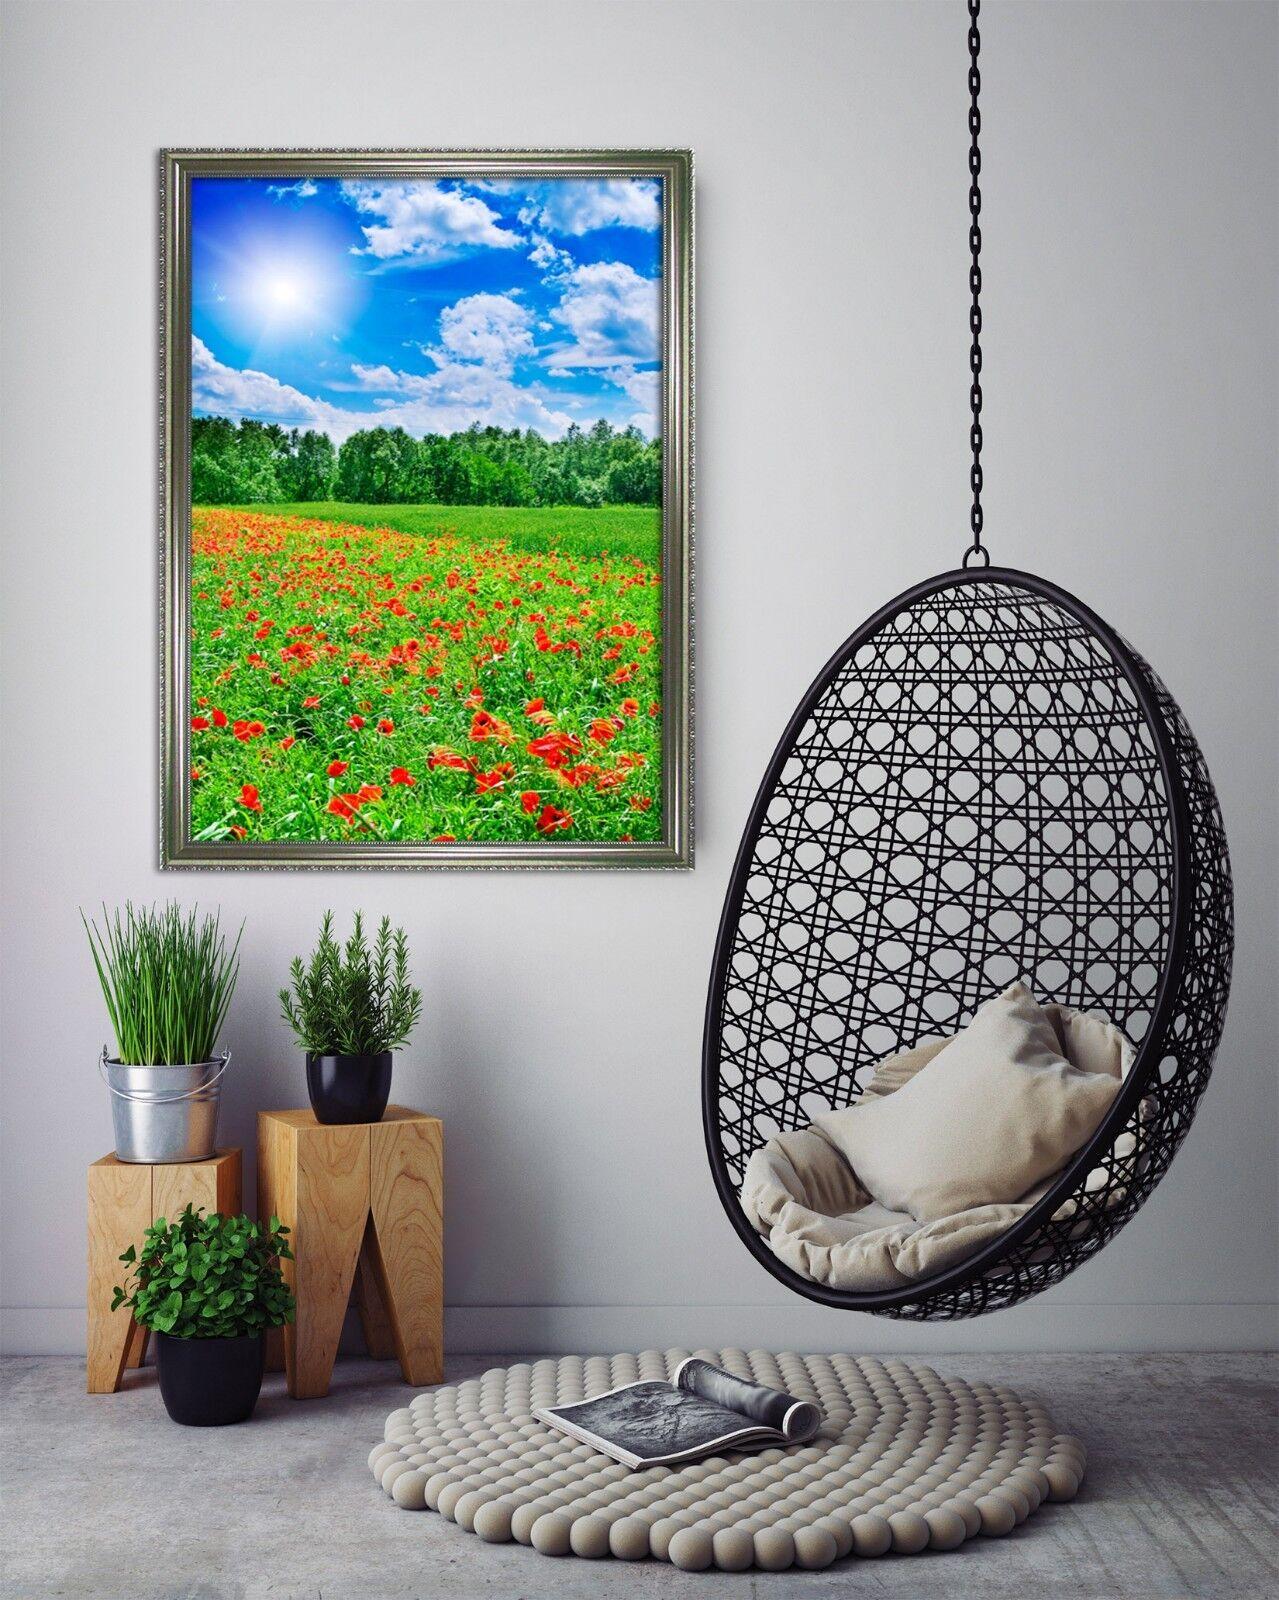 3D Sunny Flower Field 3 Framed Poster Home Decor Print Painting Art AJ WALLPAPER